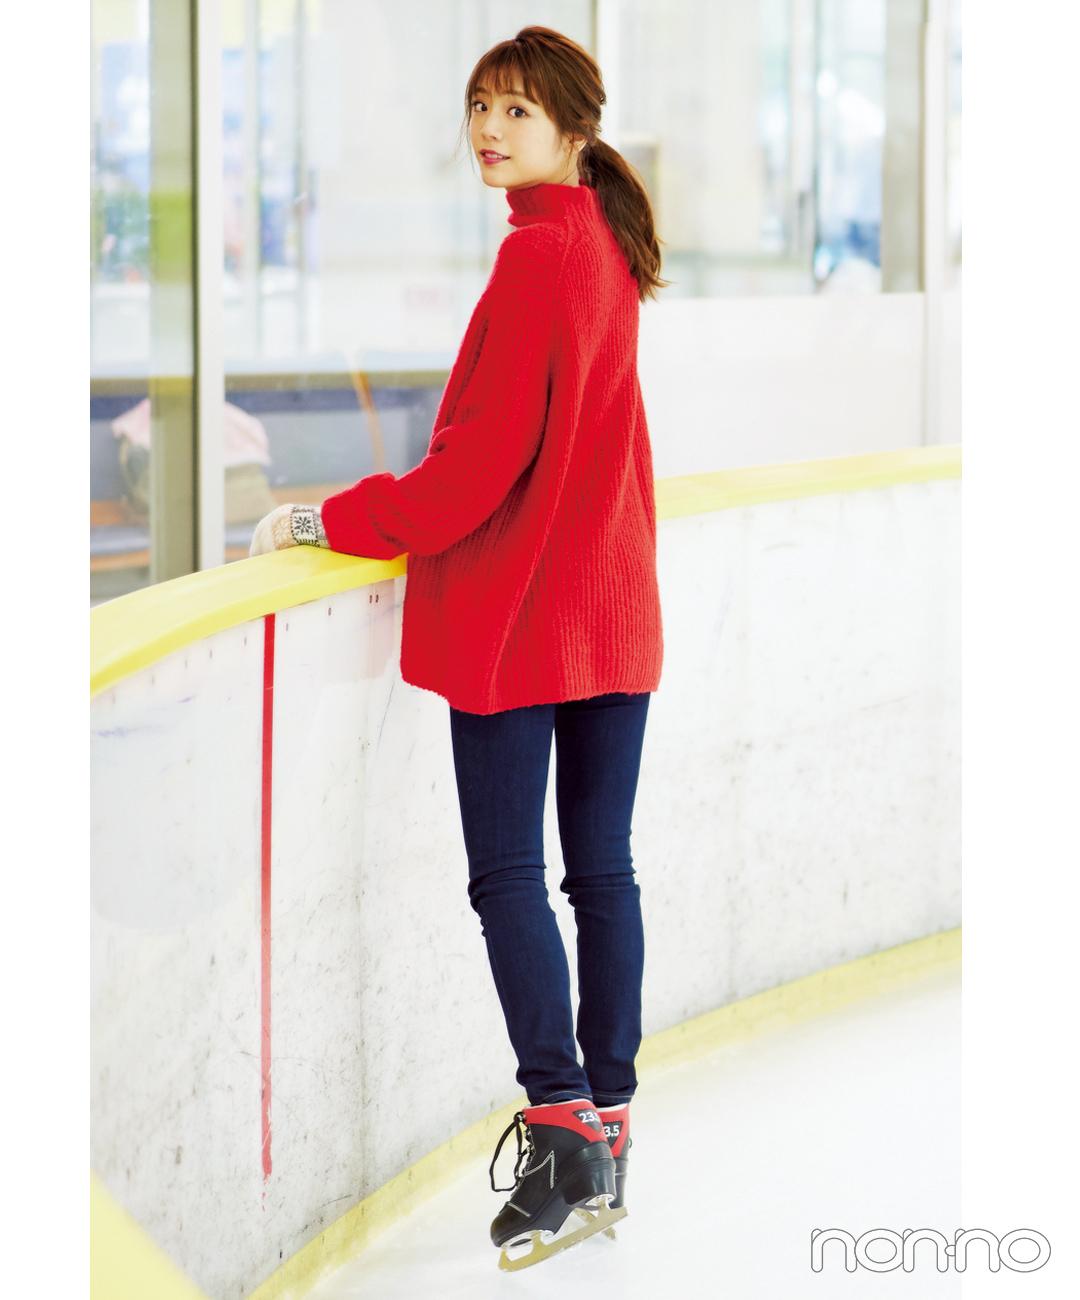 【ハイネックニットコーデ】ざっくり赤ニットとスキニーでメリハリ出しつつ氷上映え♡